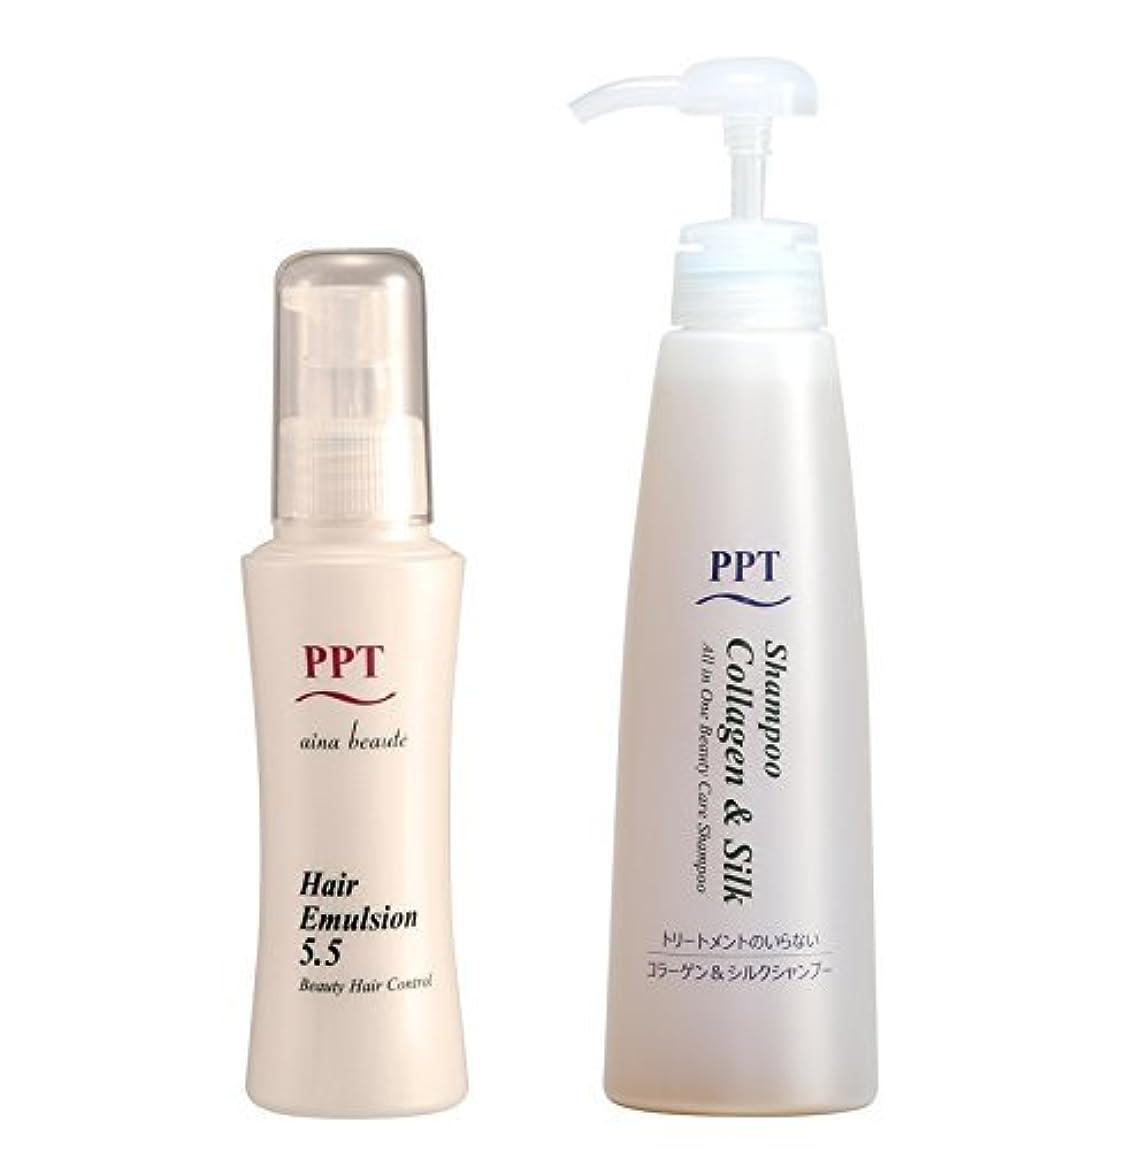 シュート統合びっくりするトリートメント不要 PPTコラーゲン&シルクシャンプー脂性肌~普通肌用(ふんわり)、PPTヘアエマルジョン5.5セット